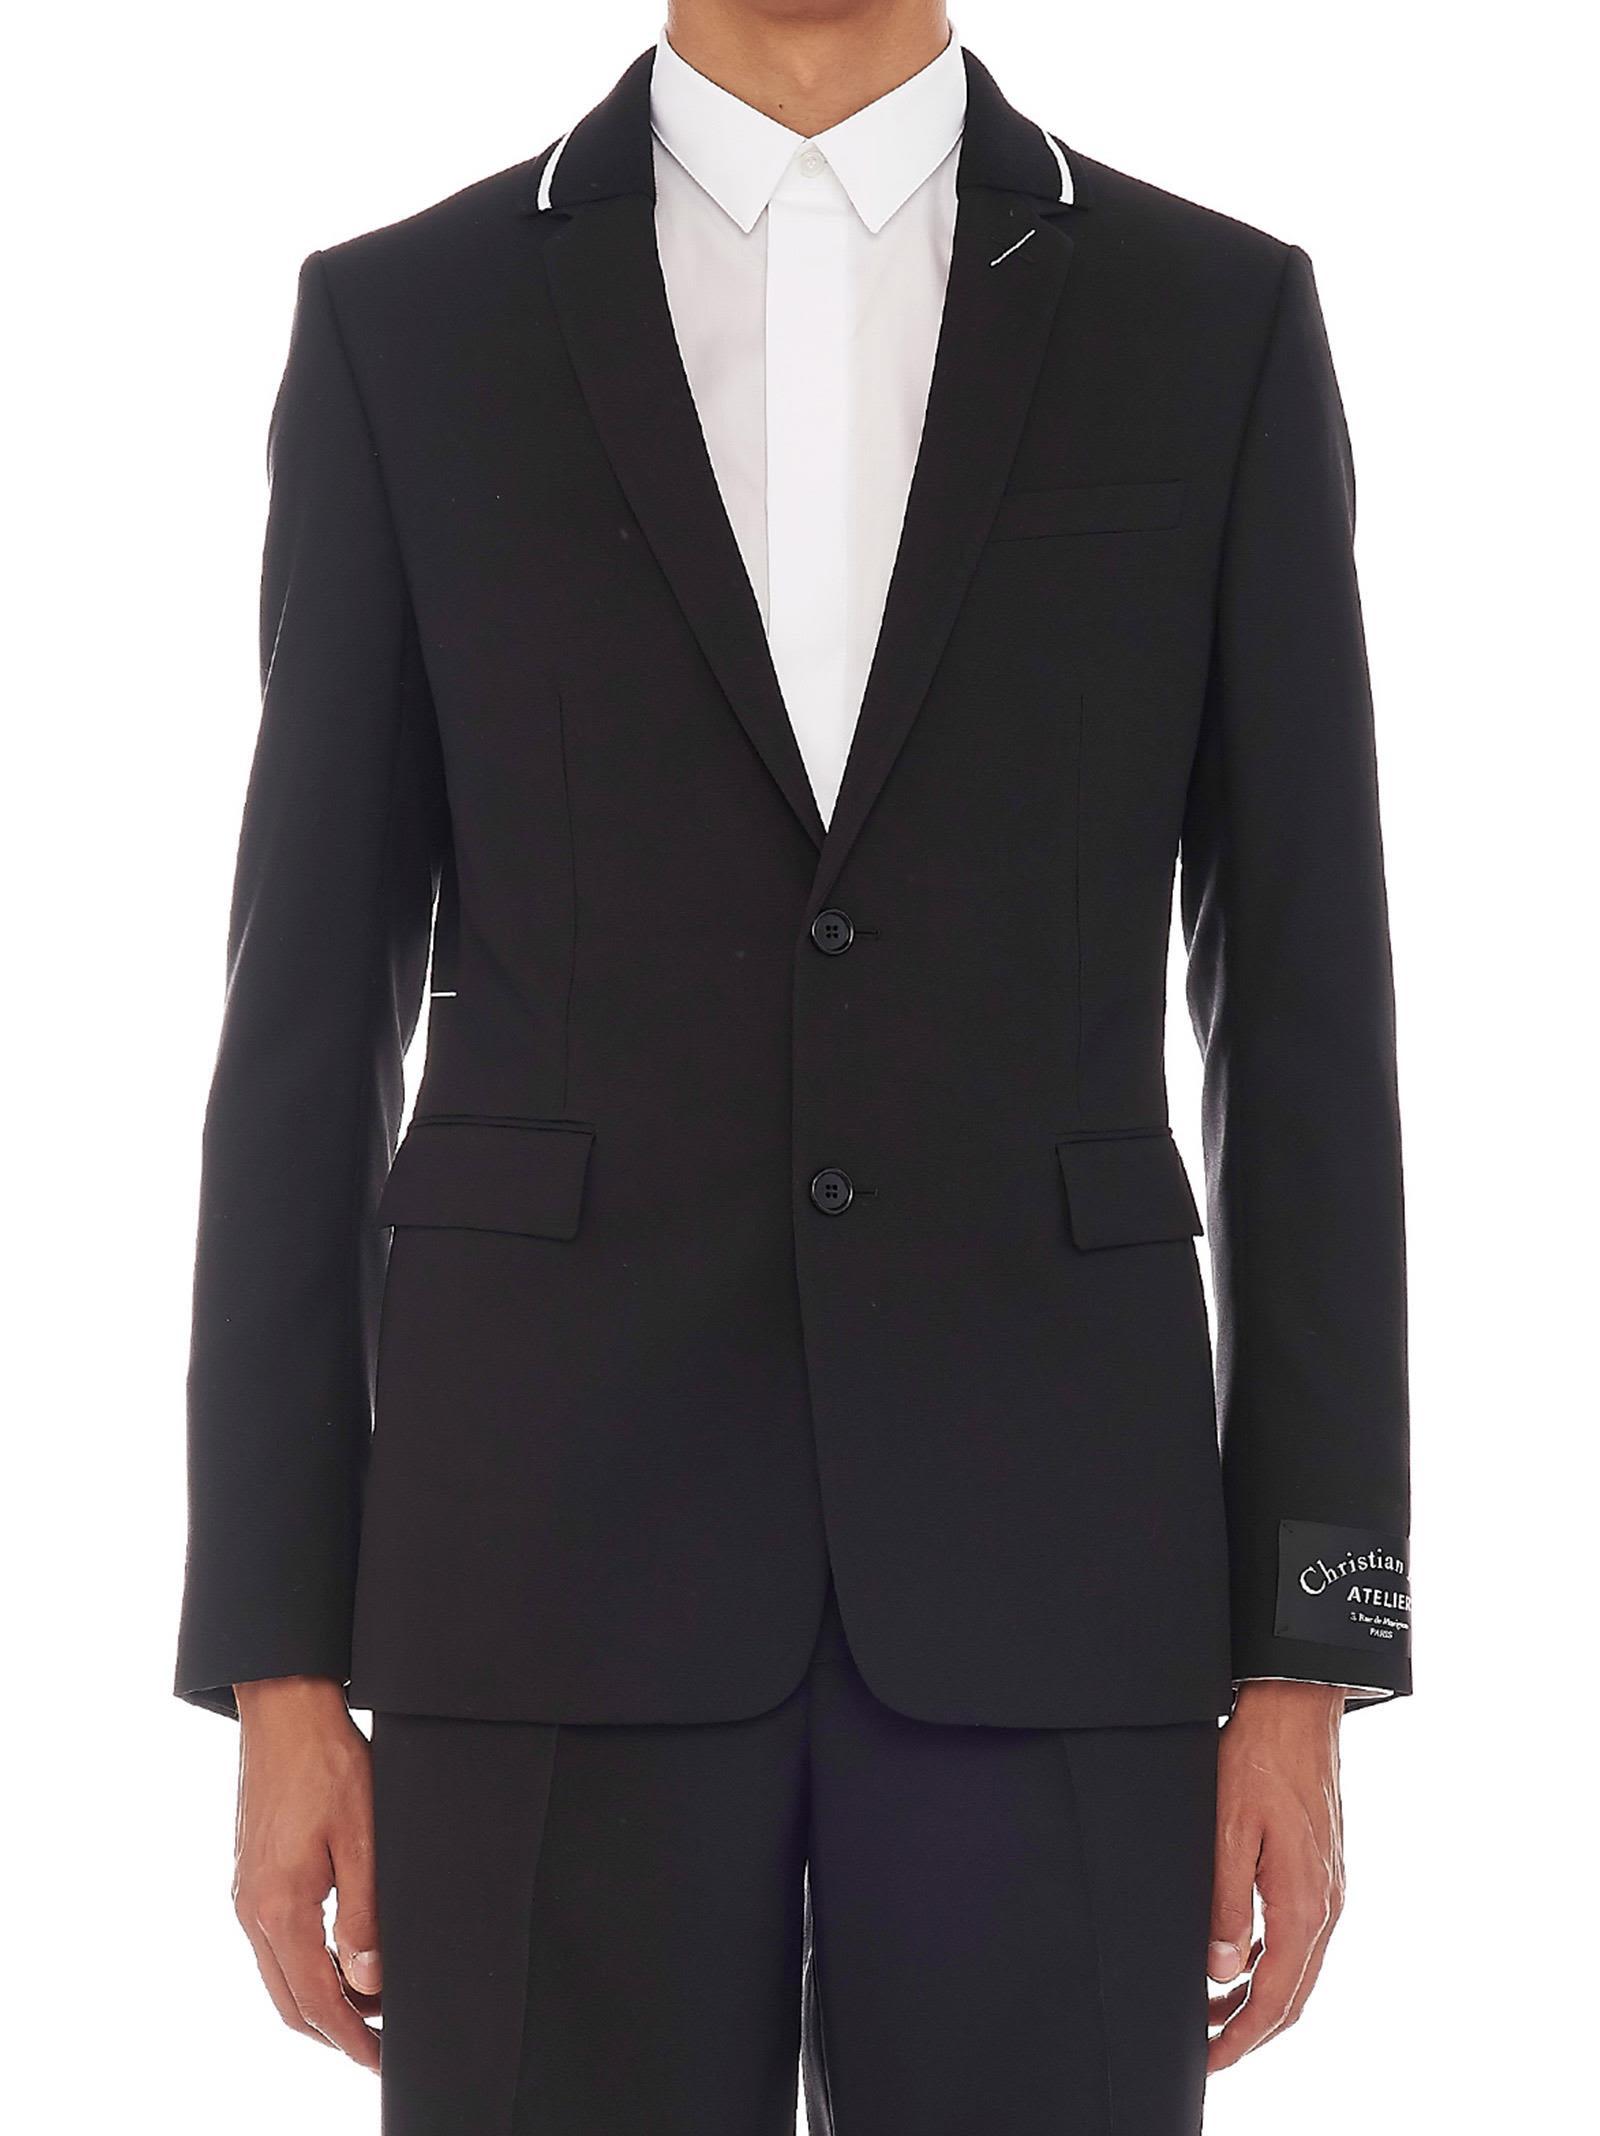 Dior Homme 'DIOR ATELIER' JACKET